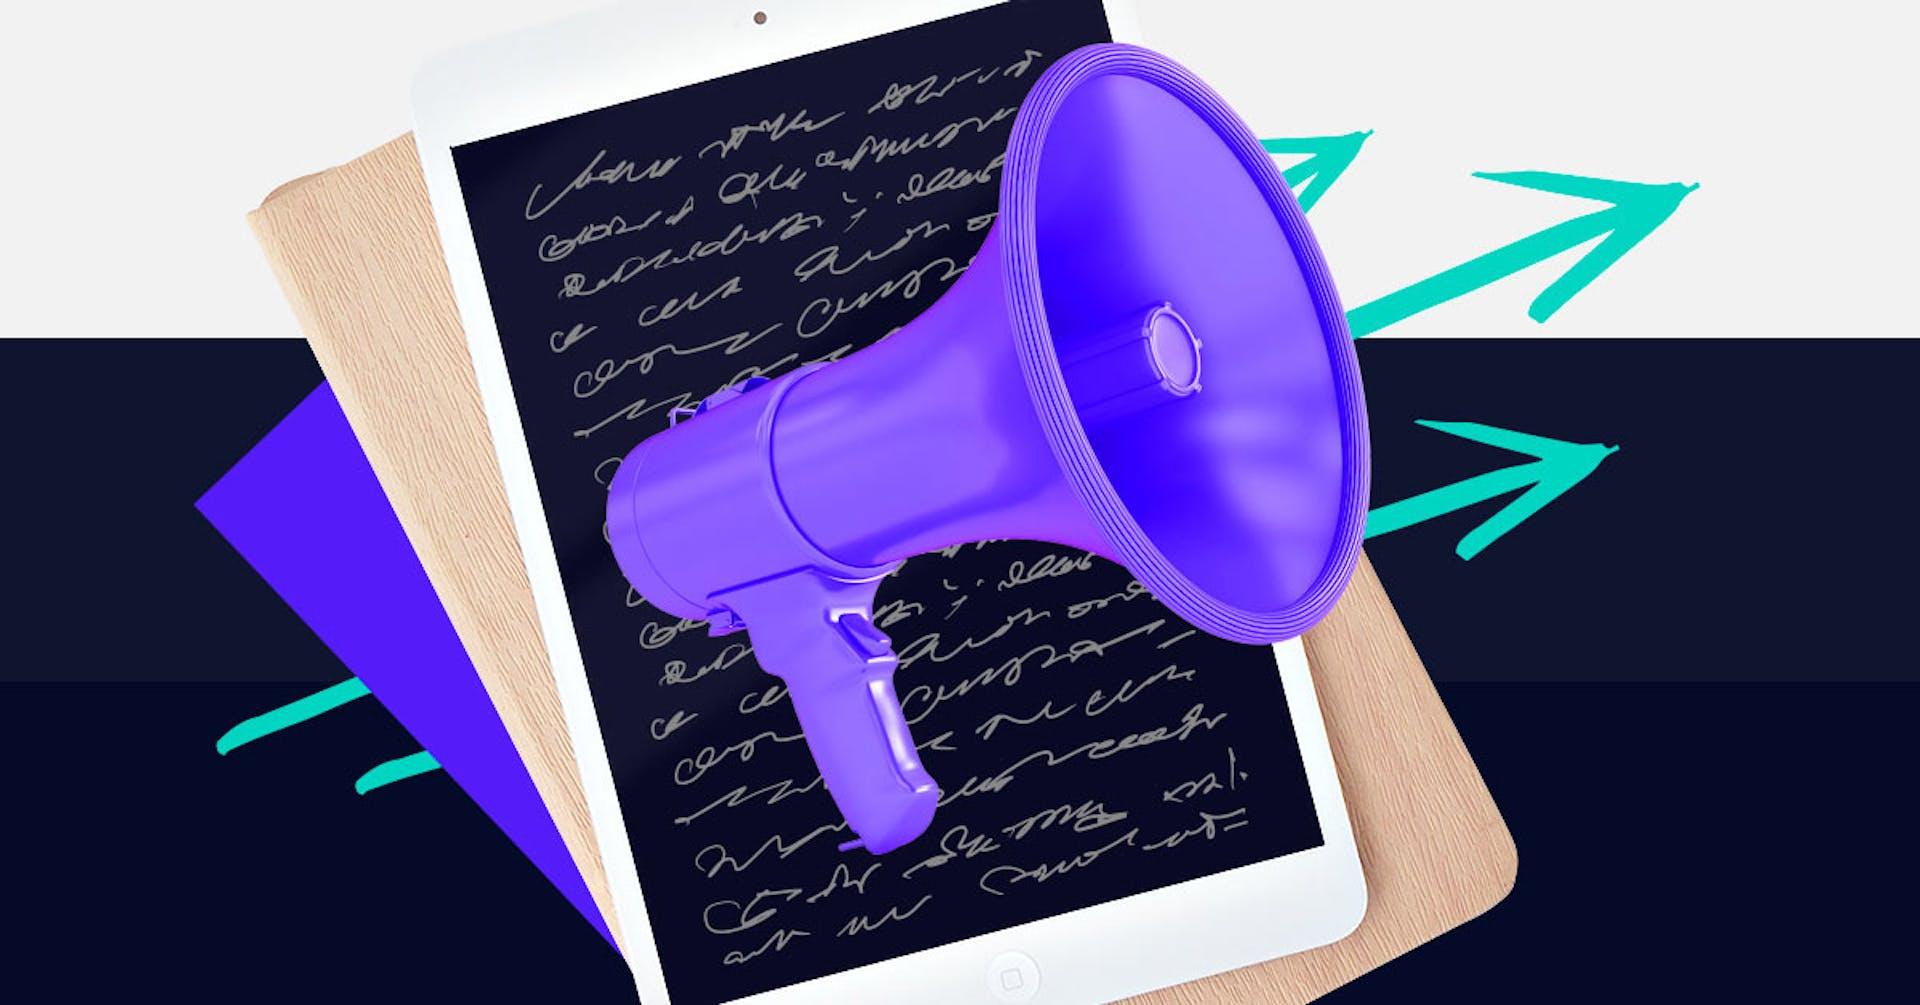 ¿Cómo hacer un plan de marketing? 6 pasos para impulsar tu marca en 2021